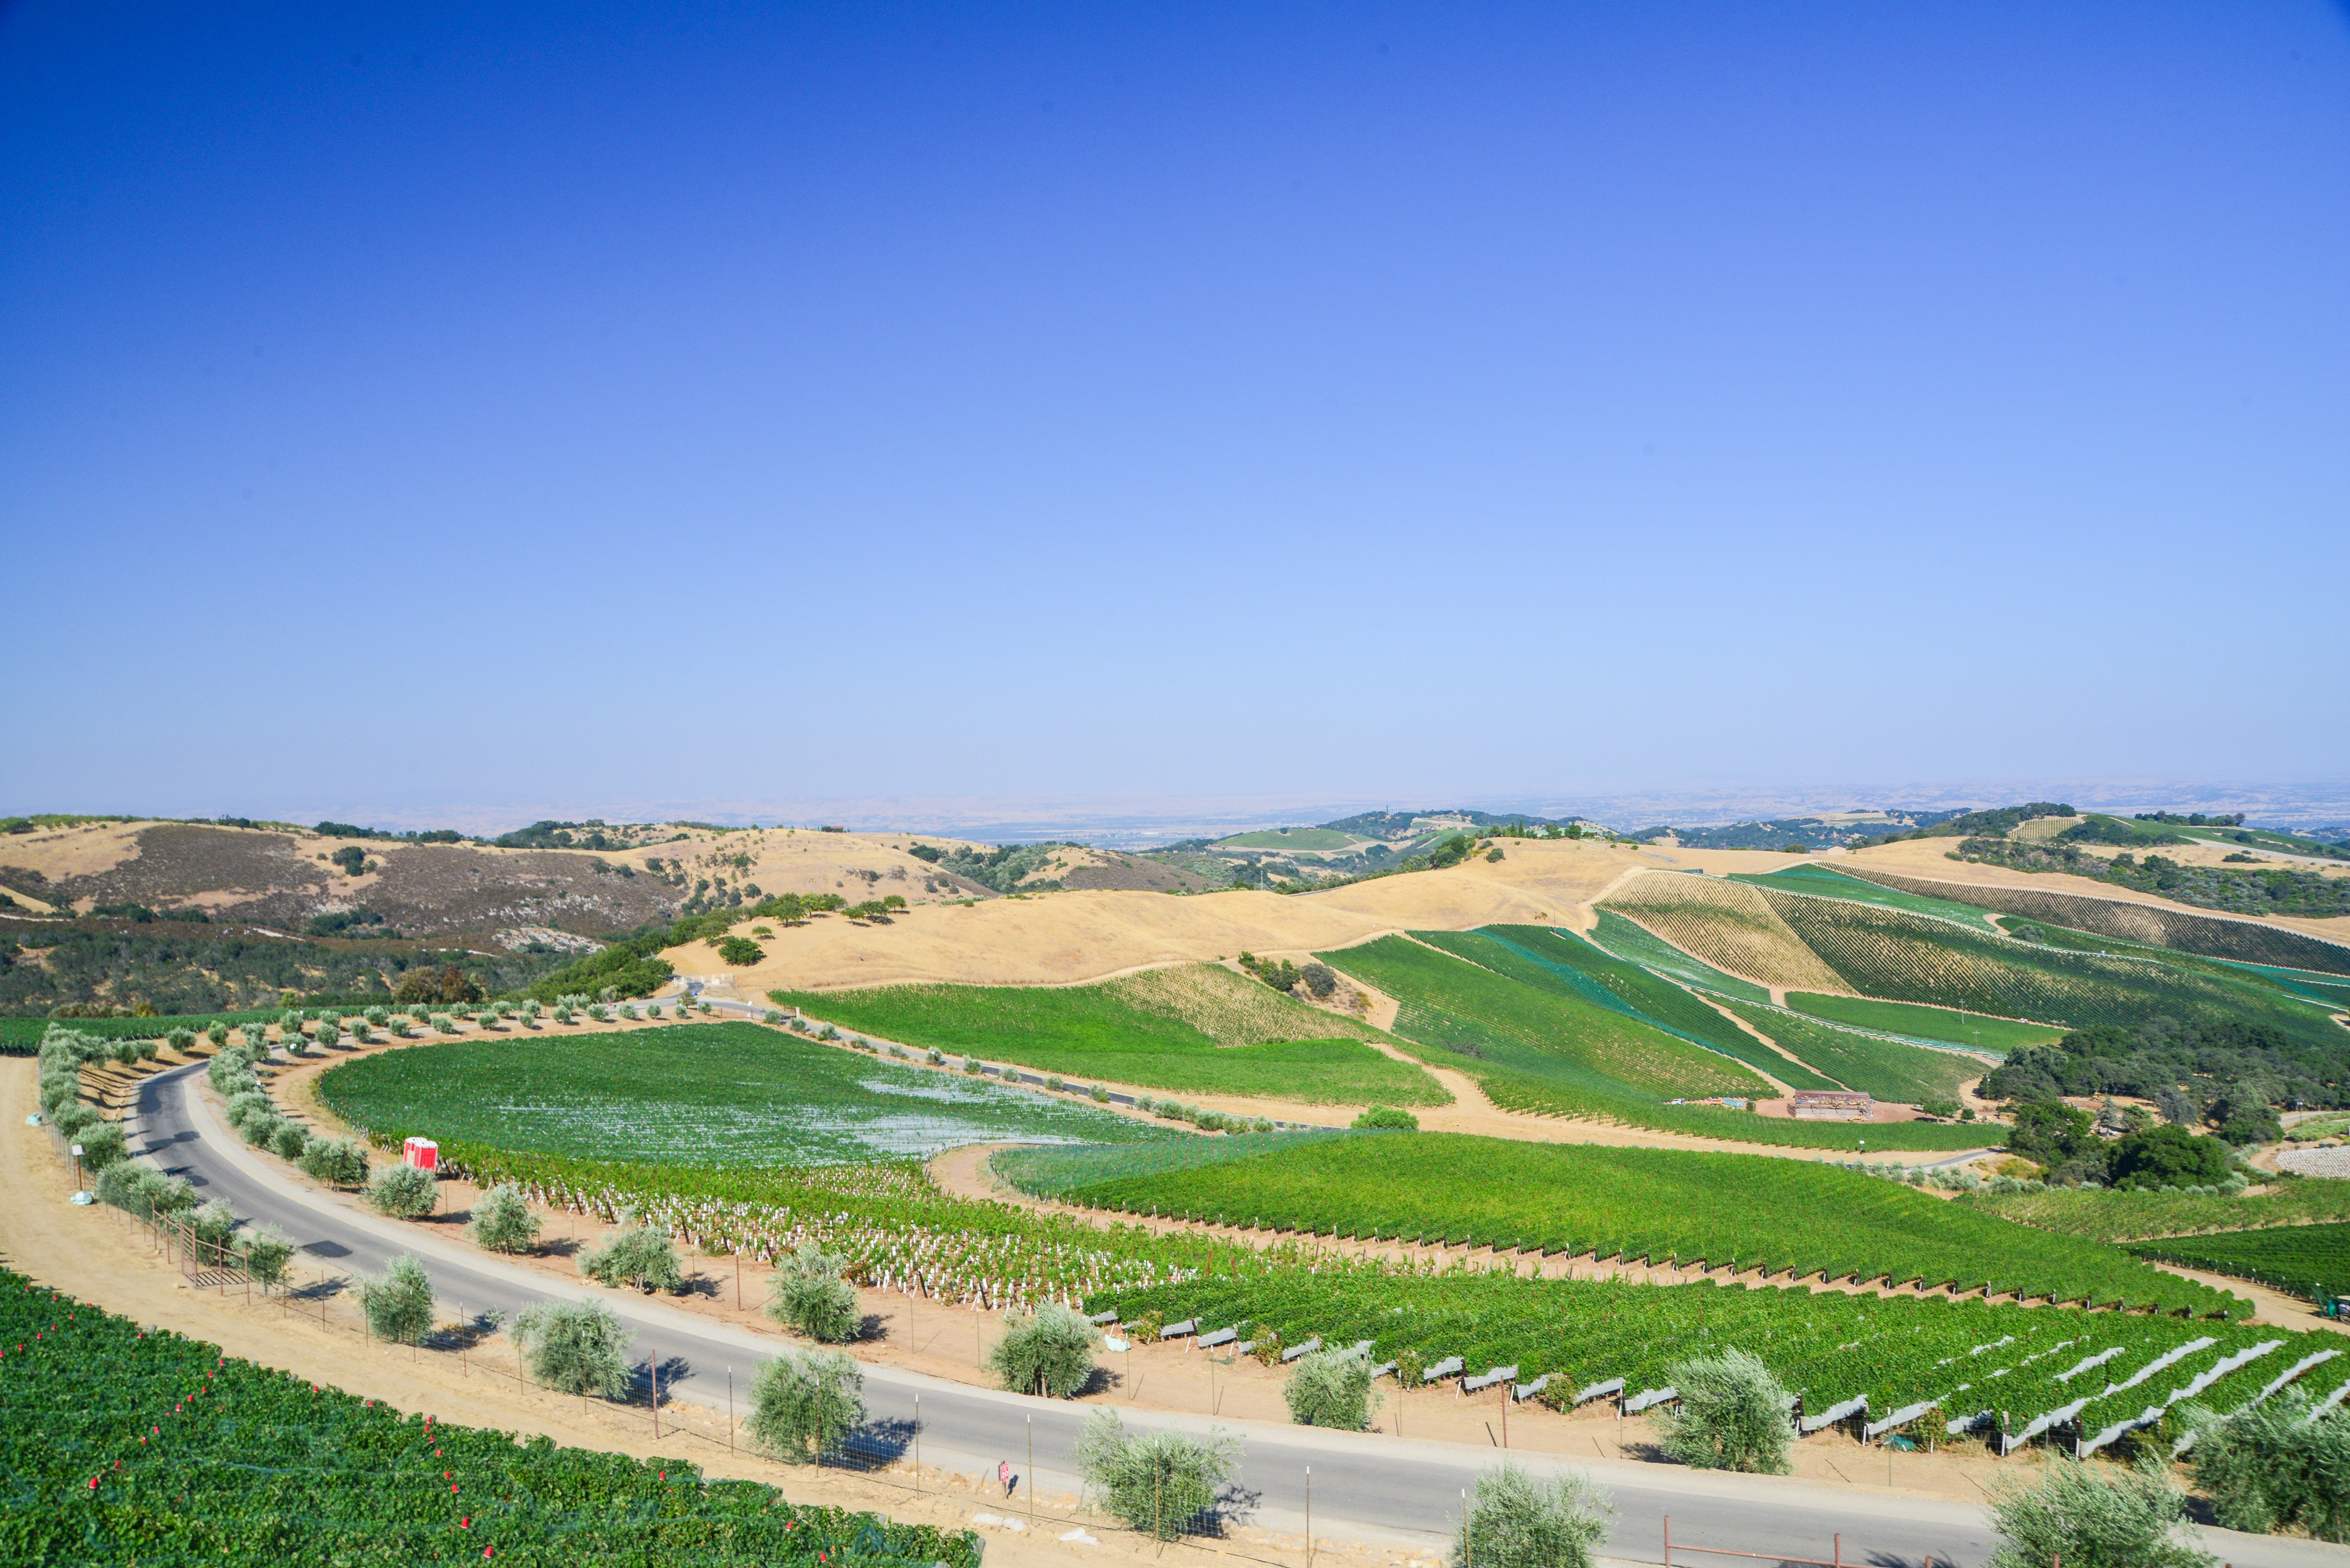 ◆終了◆ 2019.10.26   南カリフォルニアワインを楽しむ会 第12回 【パソロブレス】